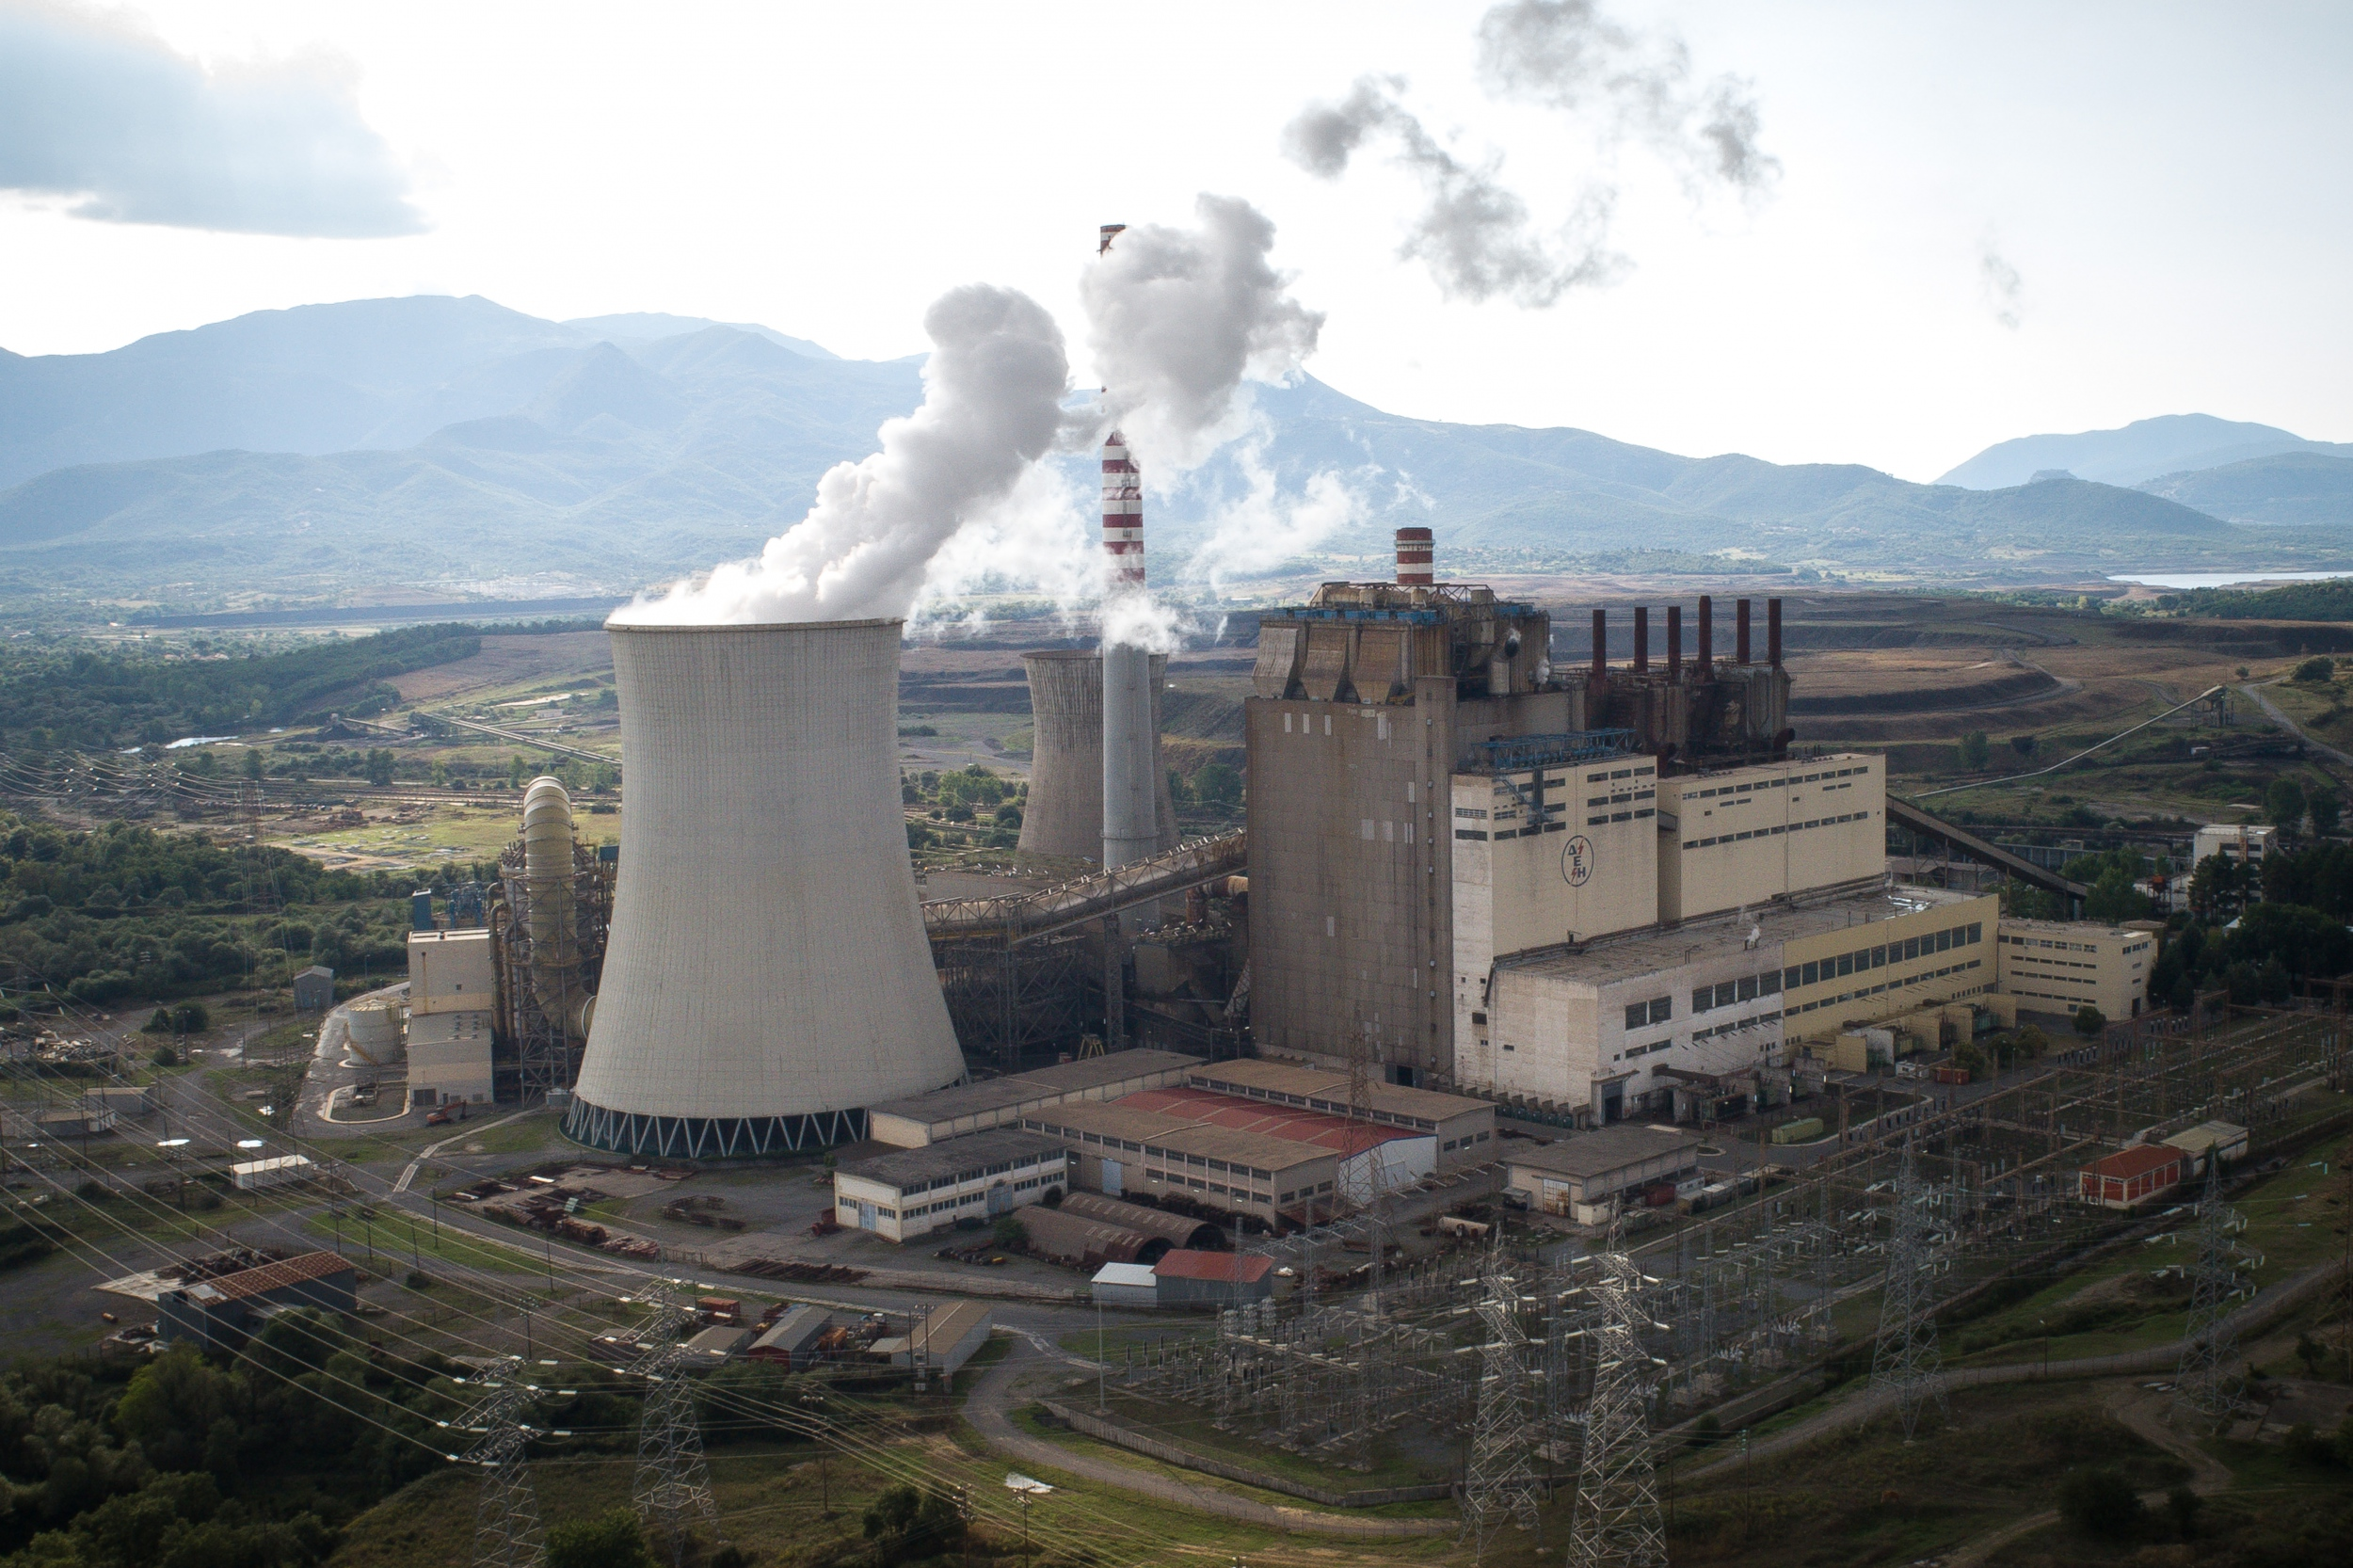 Γ. Θωμάς: Η Μεγαλόπολη θα παραμείνει ενεργειακό κέντρο – Διασφάλιση θέσεων εργασίας